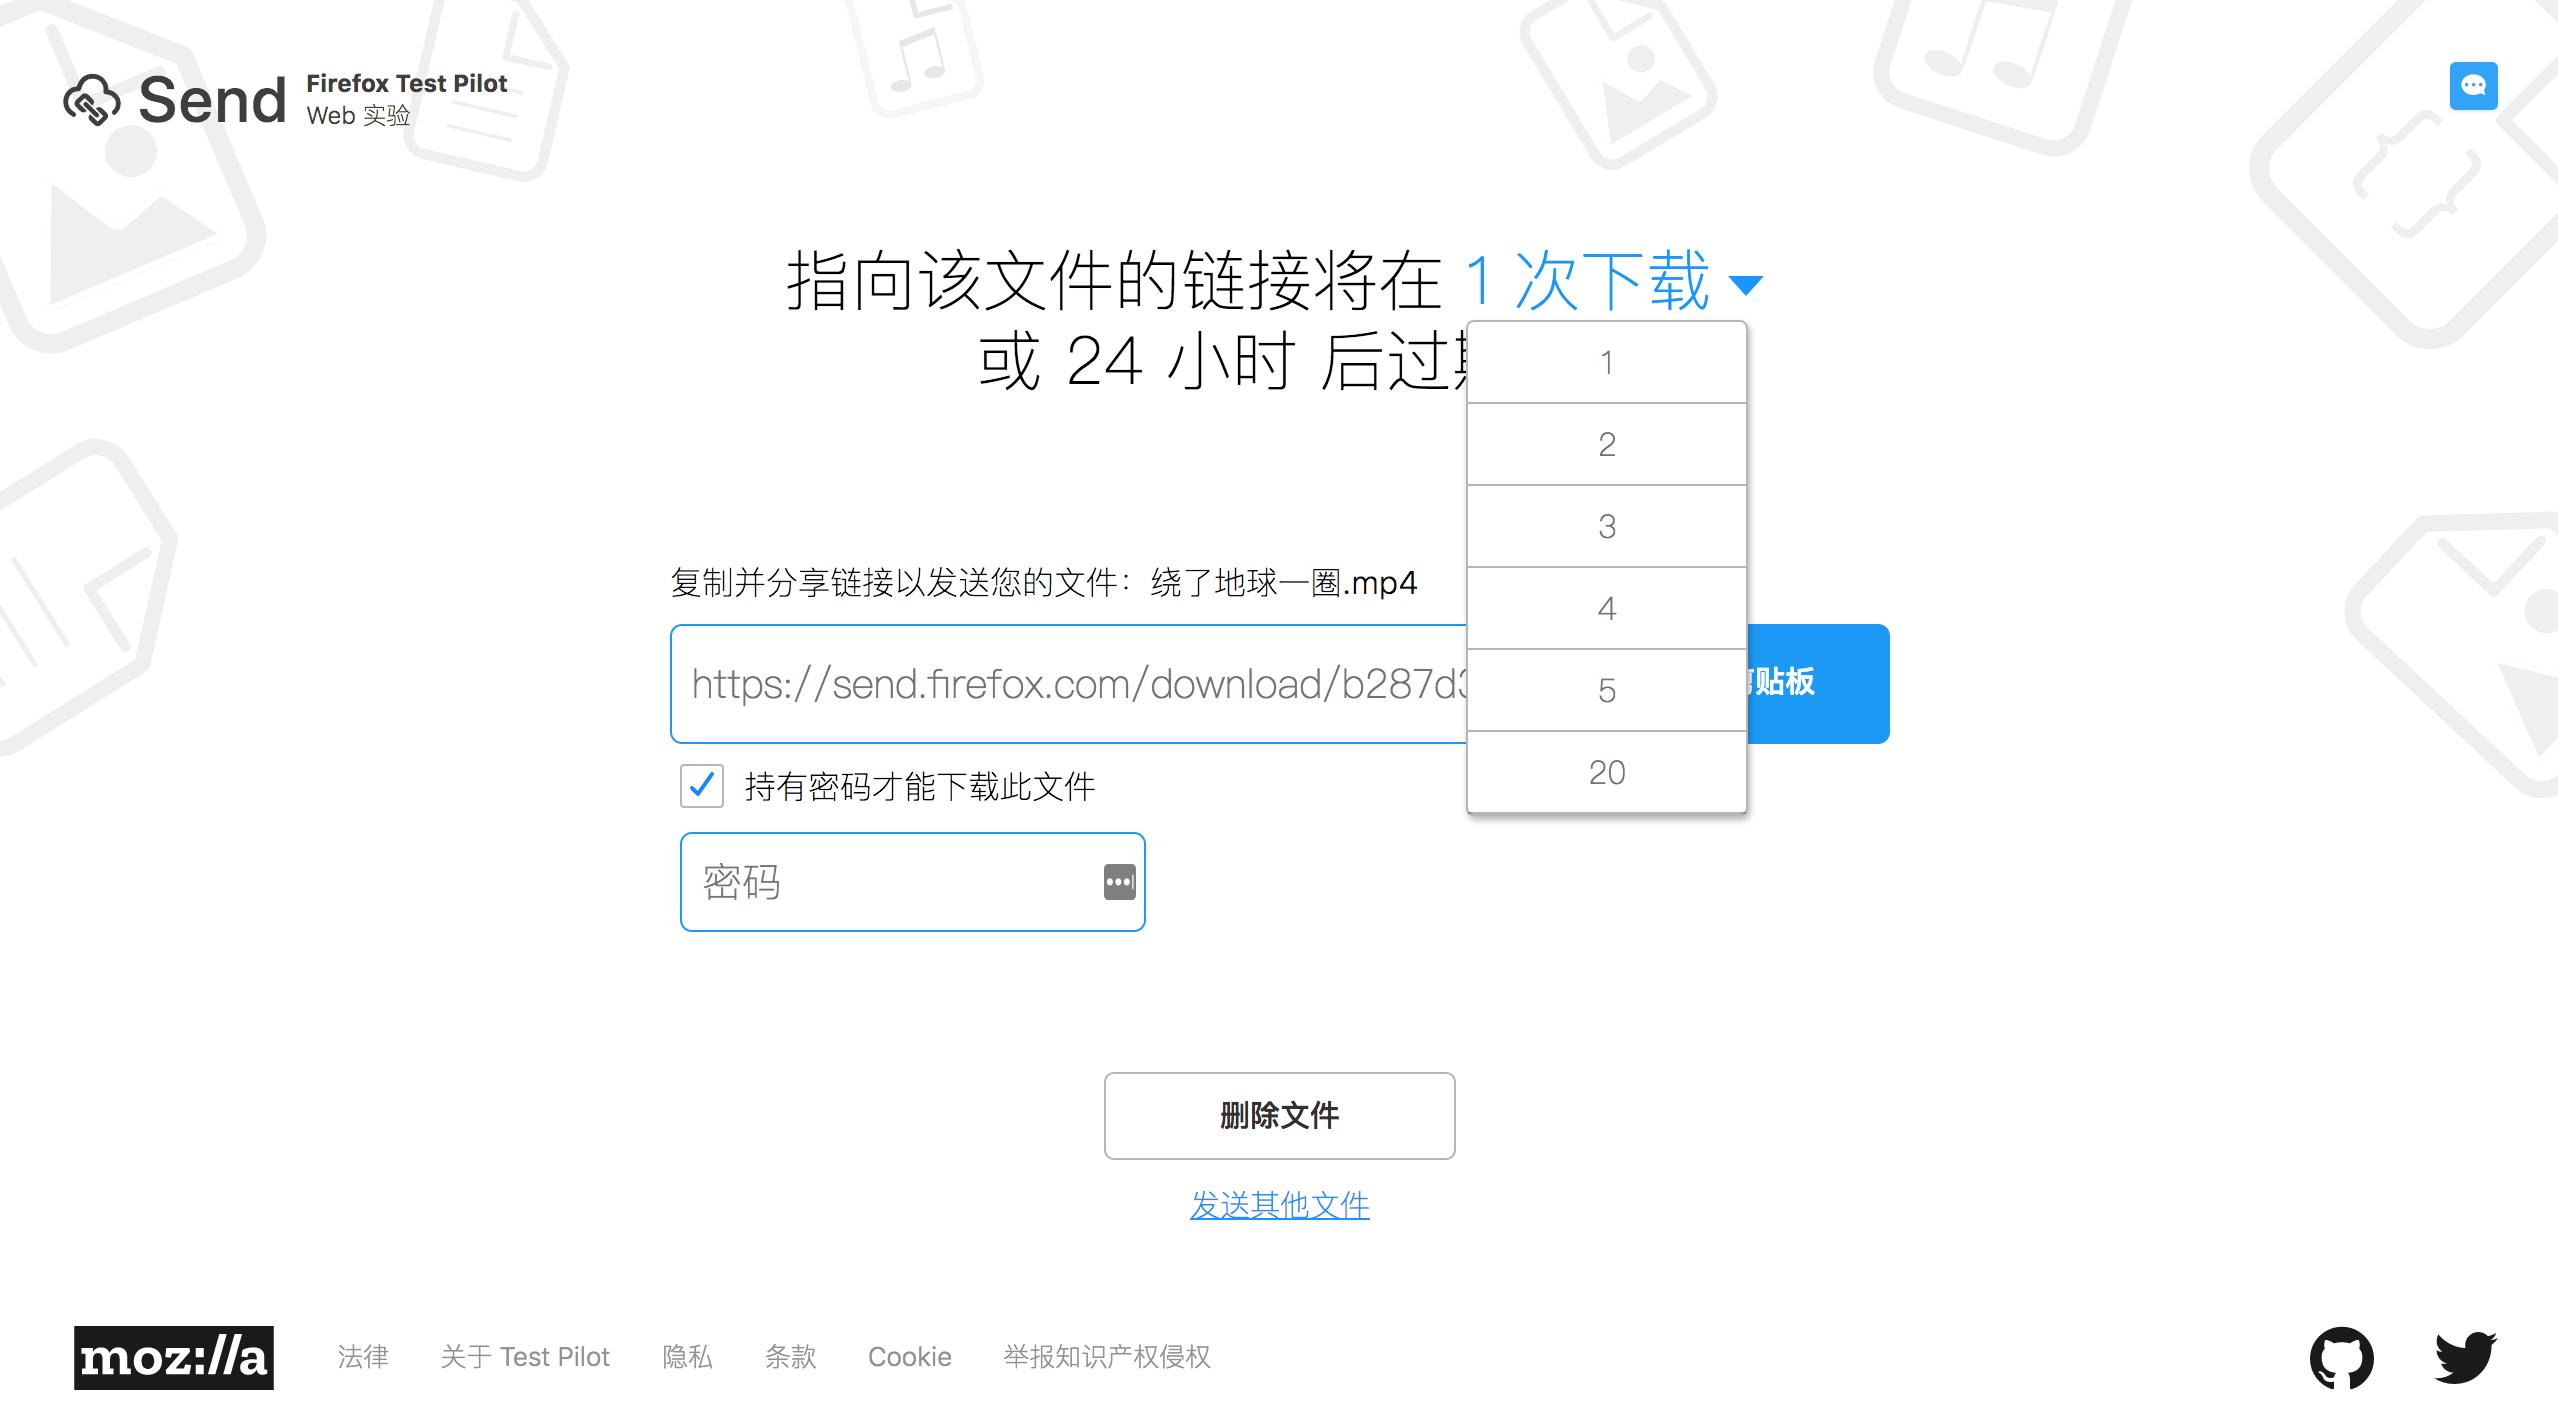 免费在线个人文件传输工具Firefox Send,简单方便快捷!-iQiQi